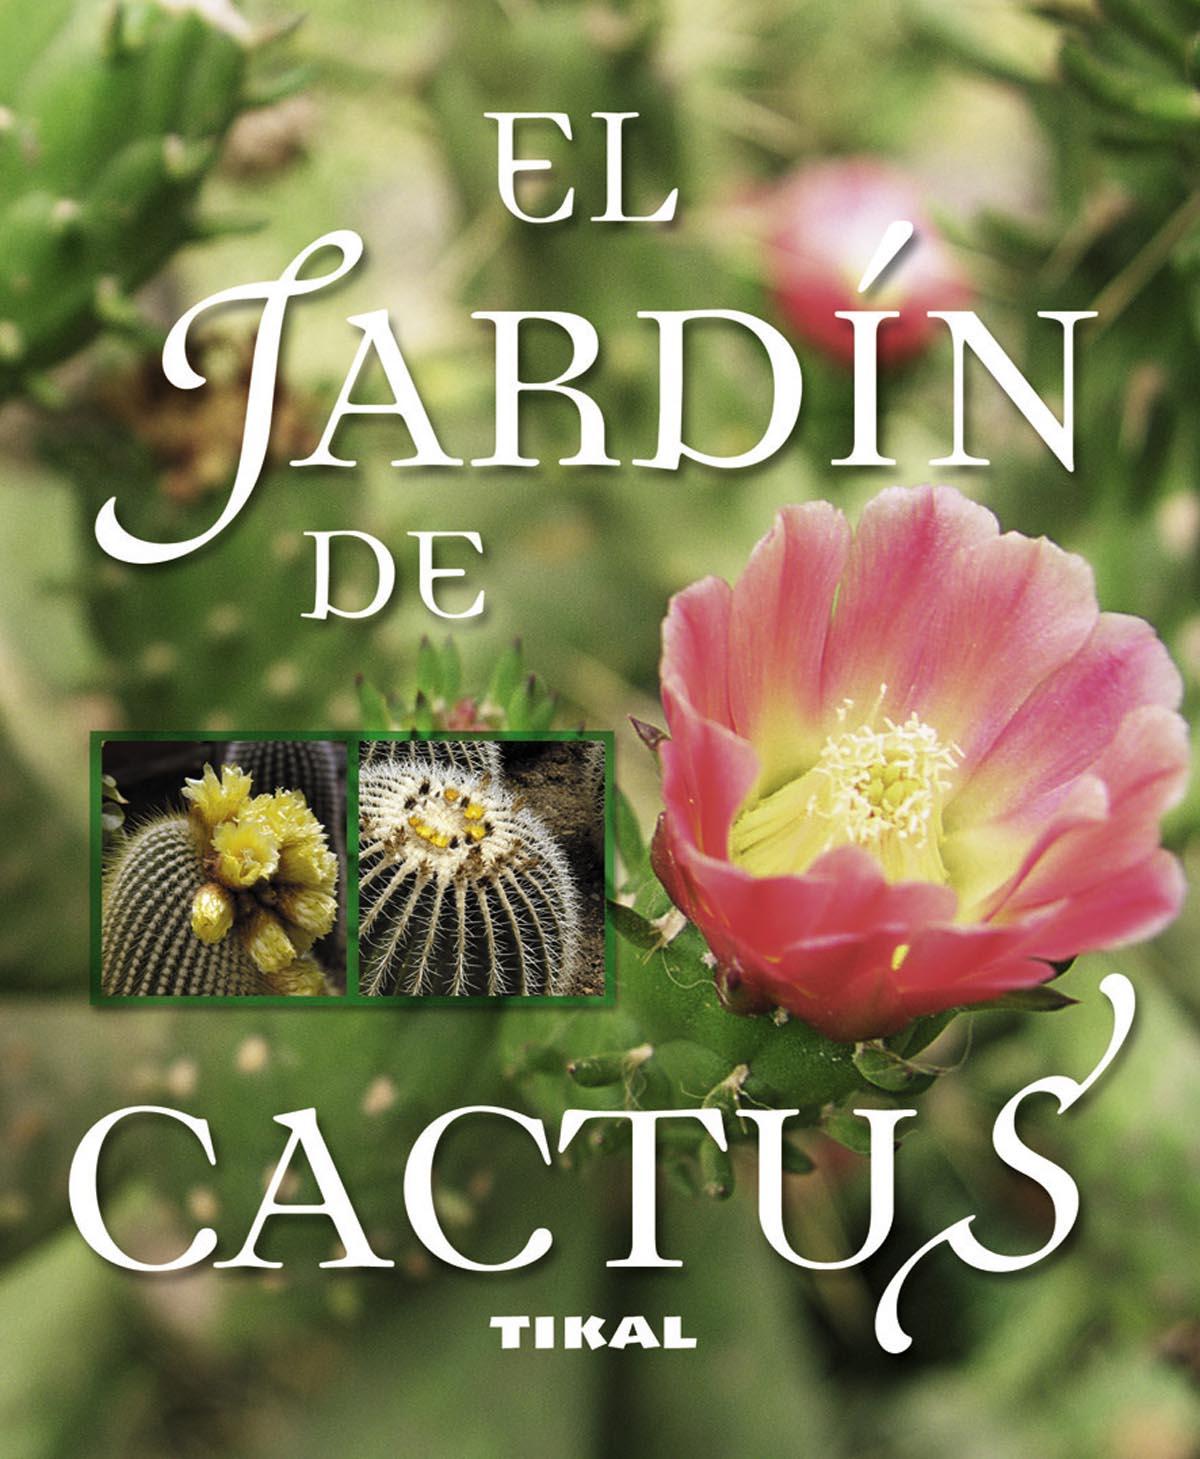 EL JARDIN DE CACTUS FRANCISCO JAVIER ALONSO DE LA PAZ Comprar